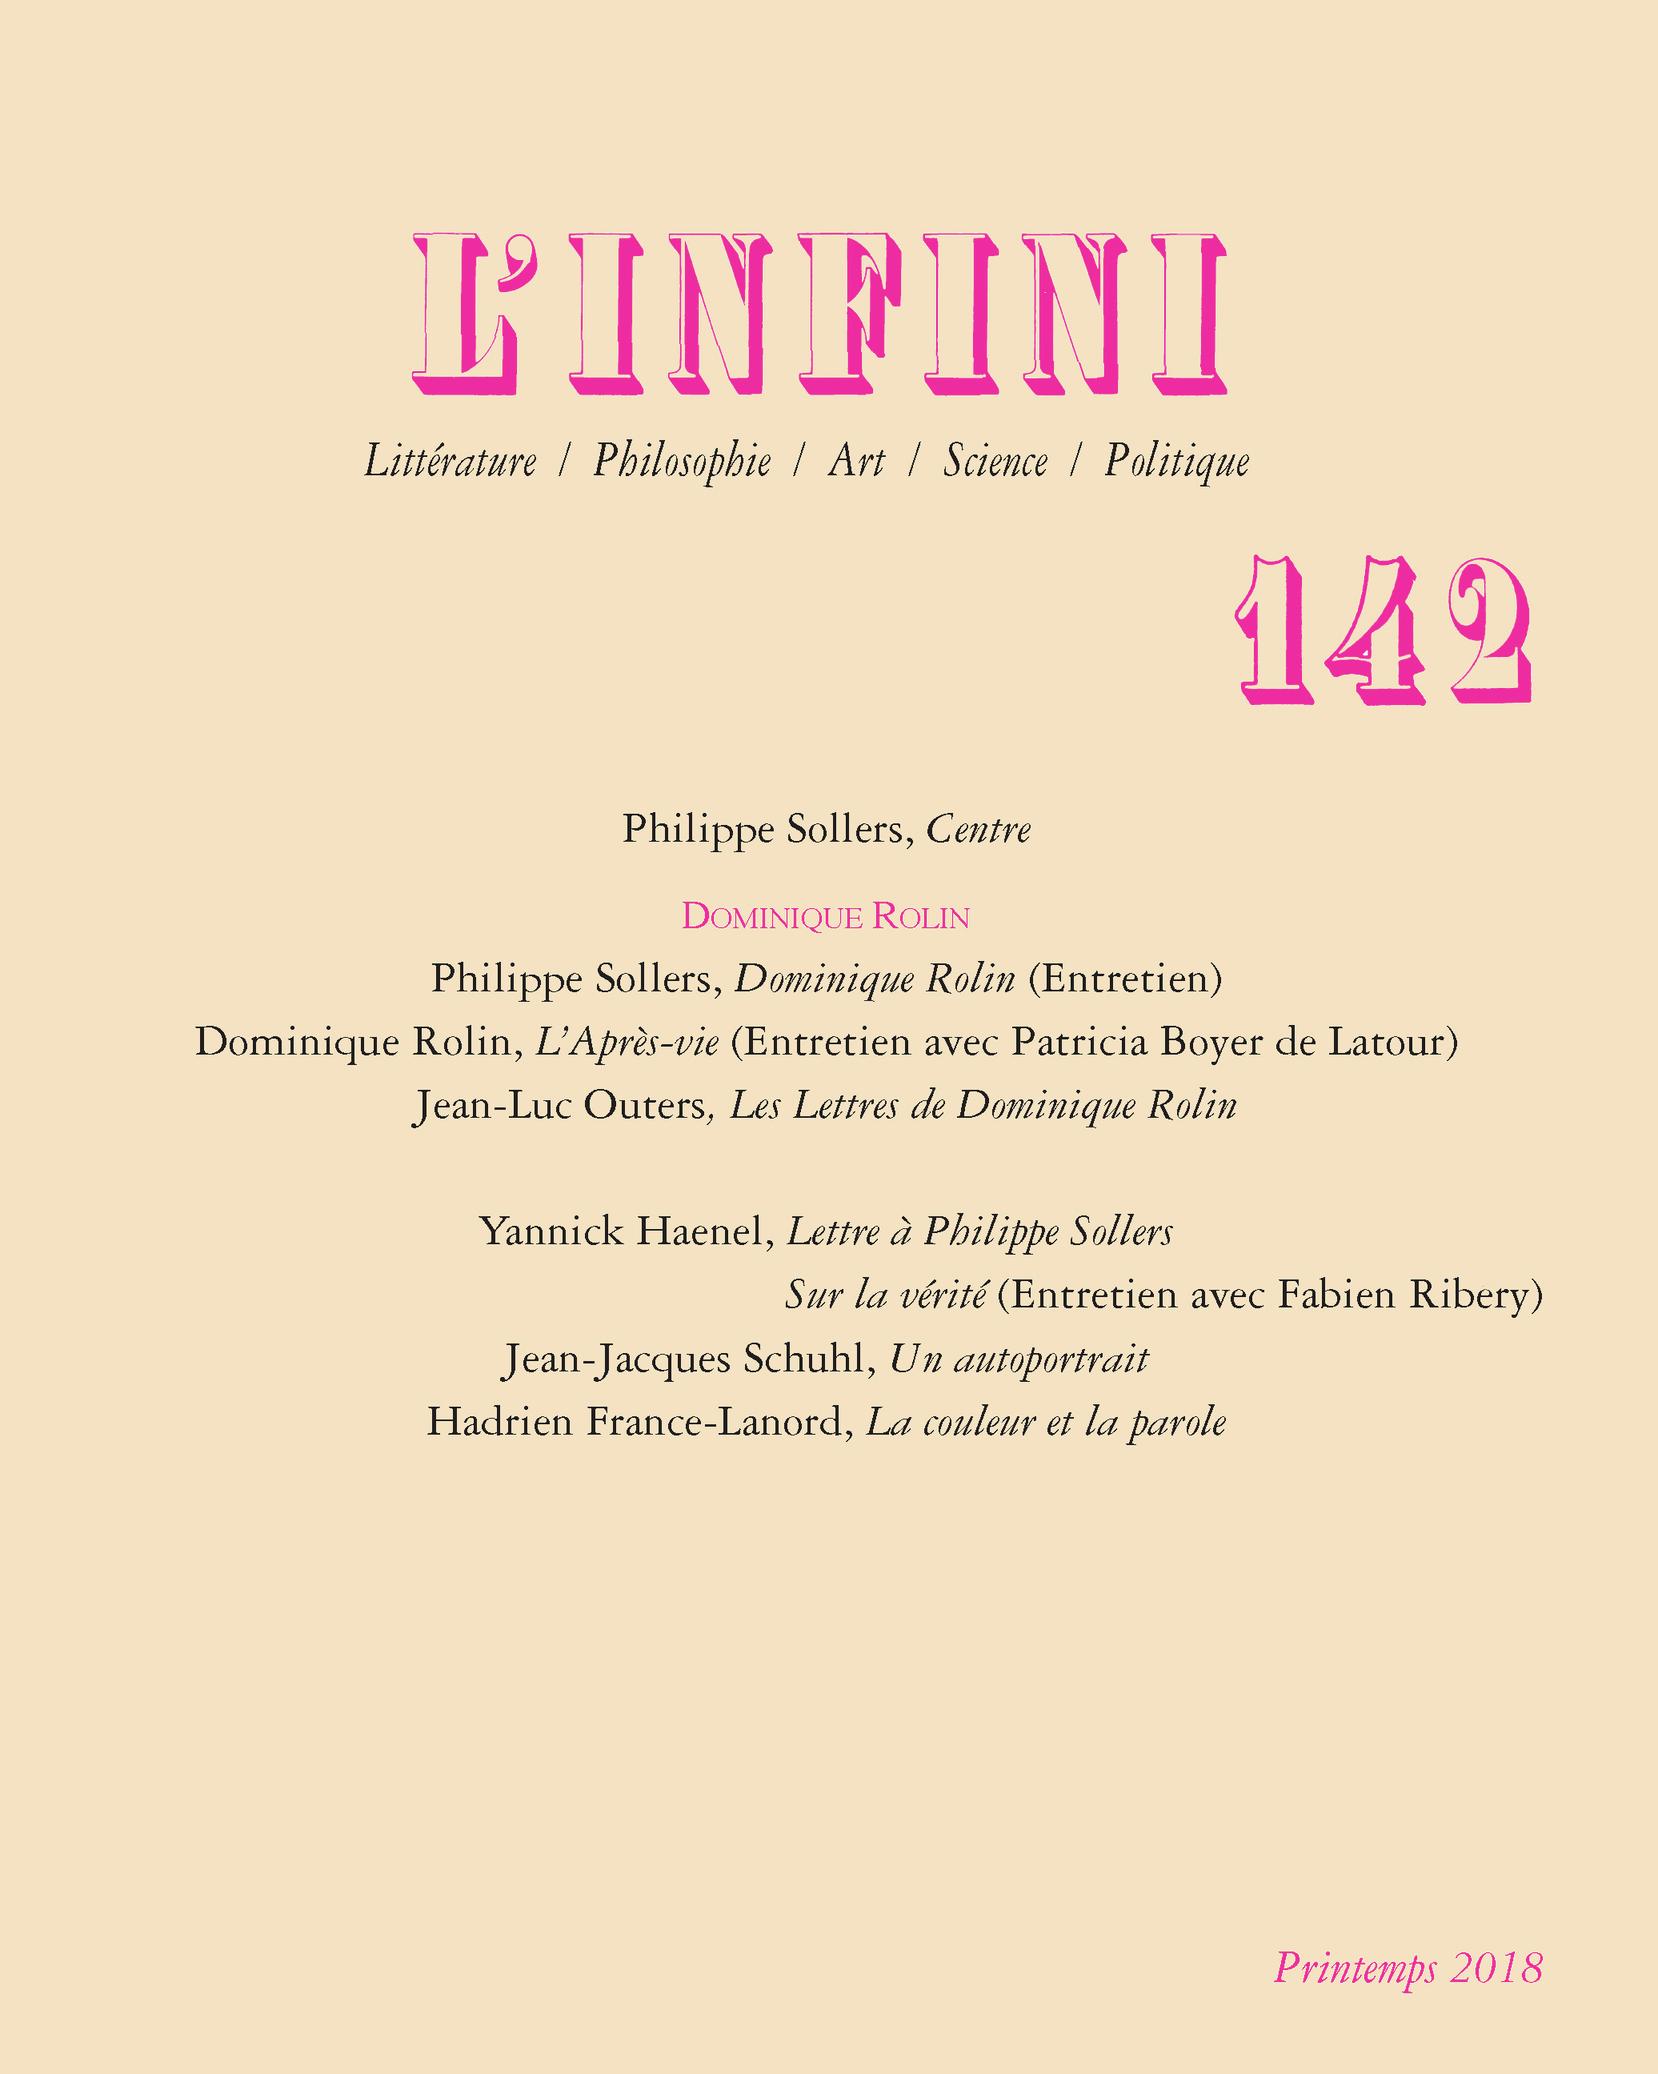 L'INFINI N142